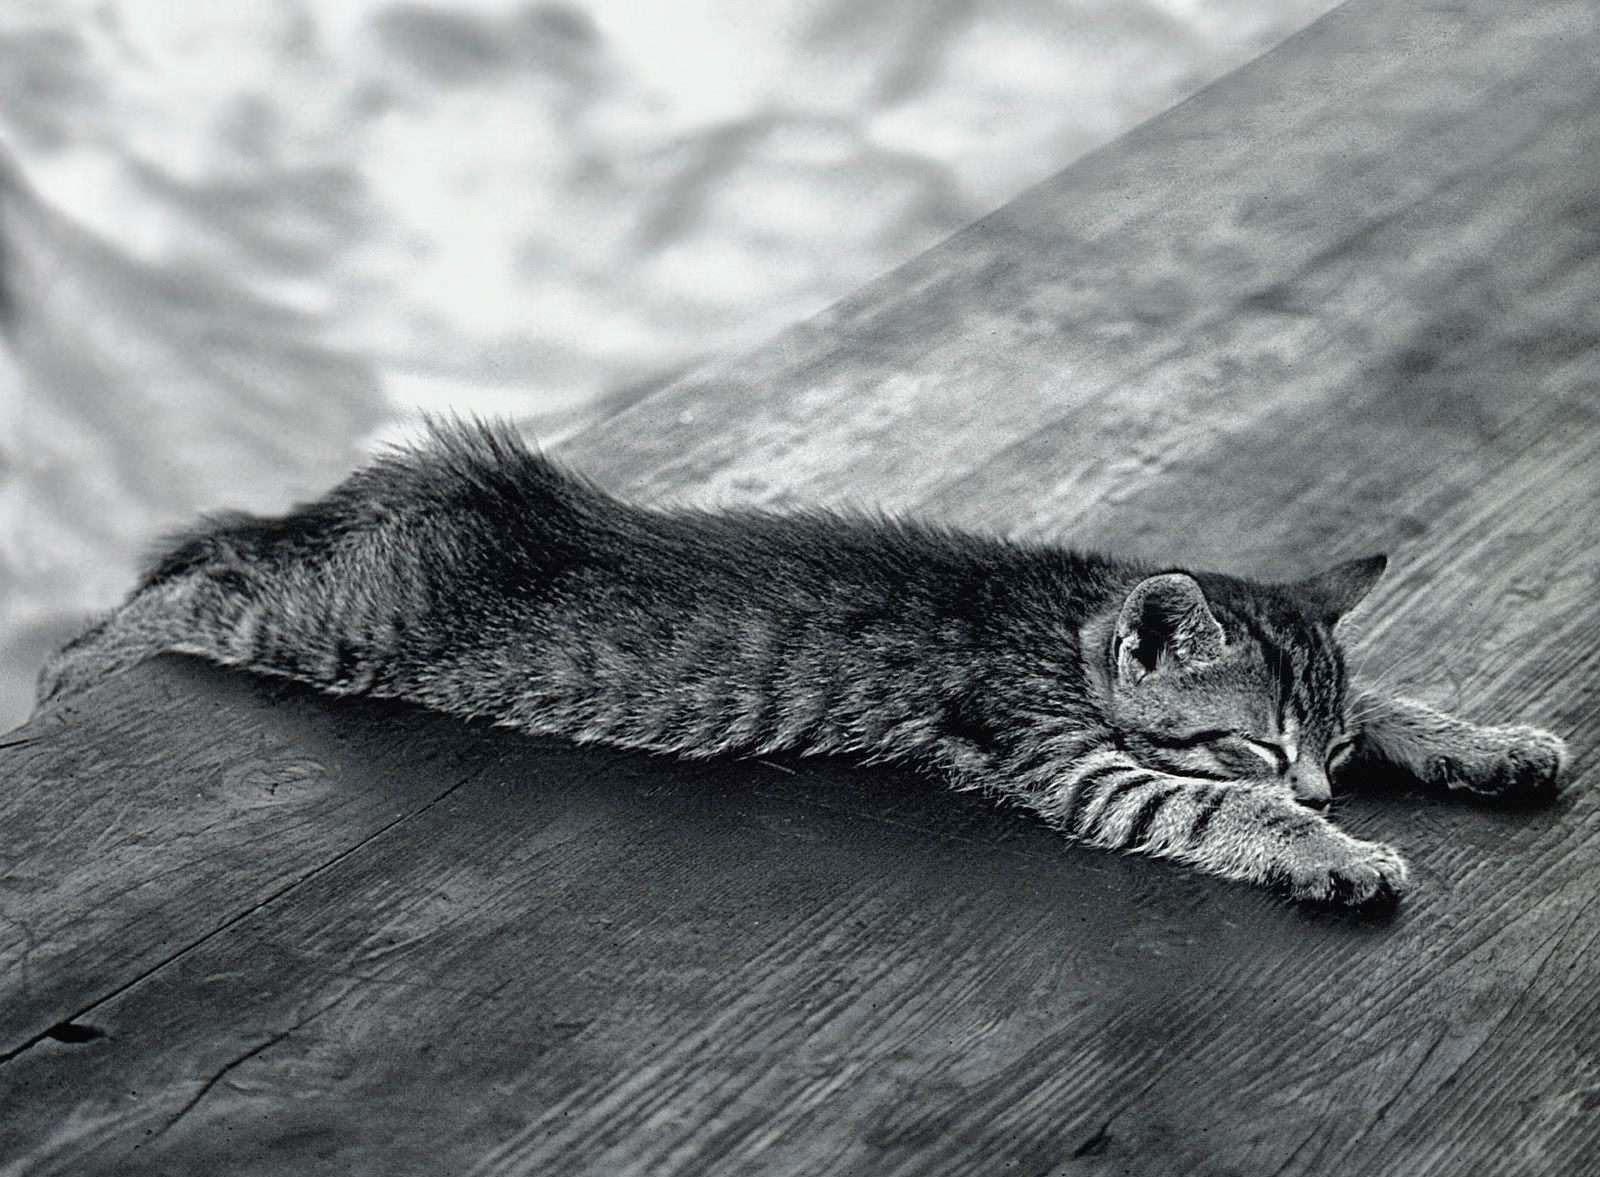 Zwart wit foto met kat op bankje